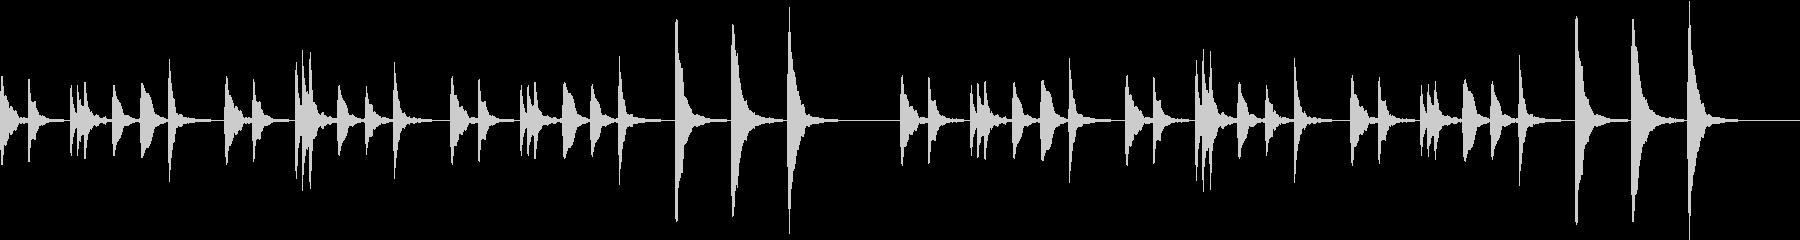 ループ 不思議なマリンバ RPG 洞窟の未再生の波形